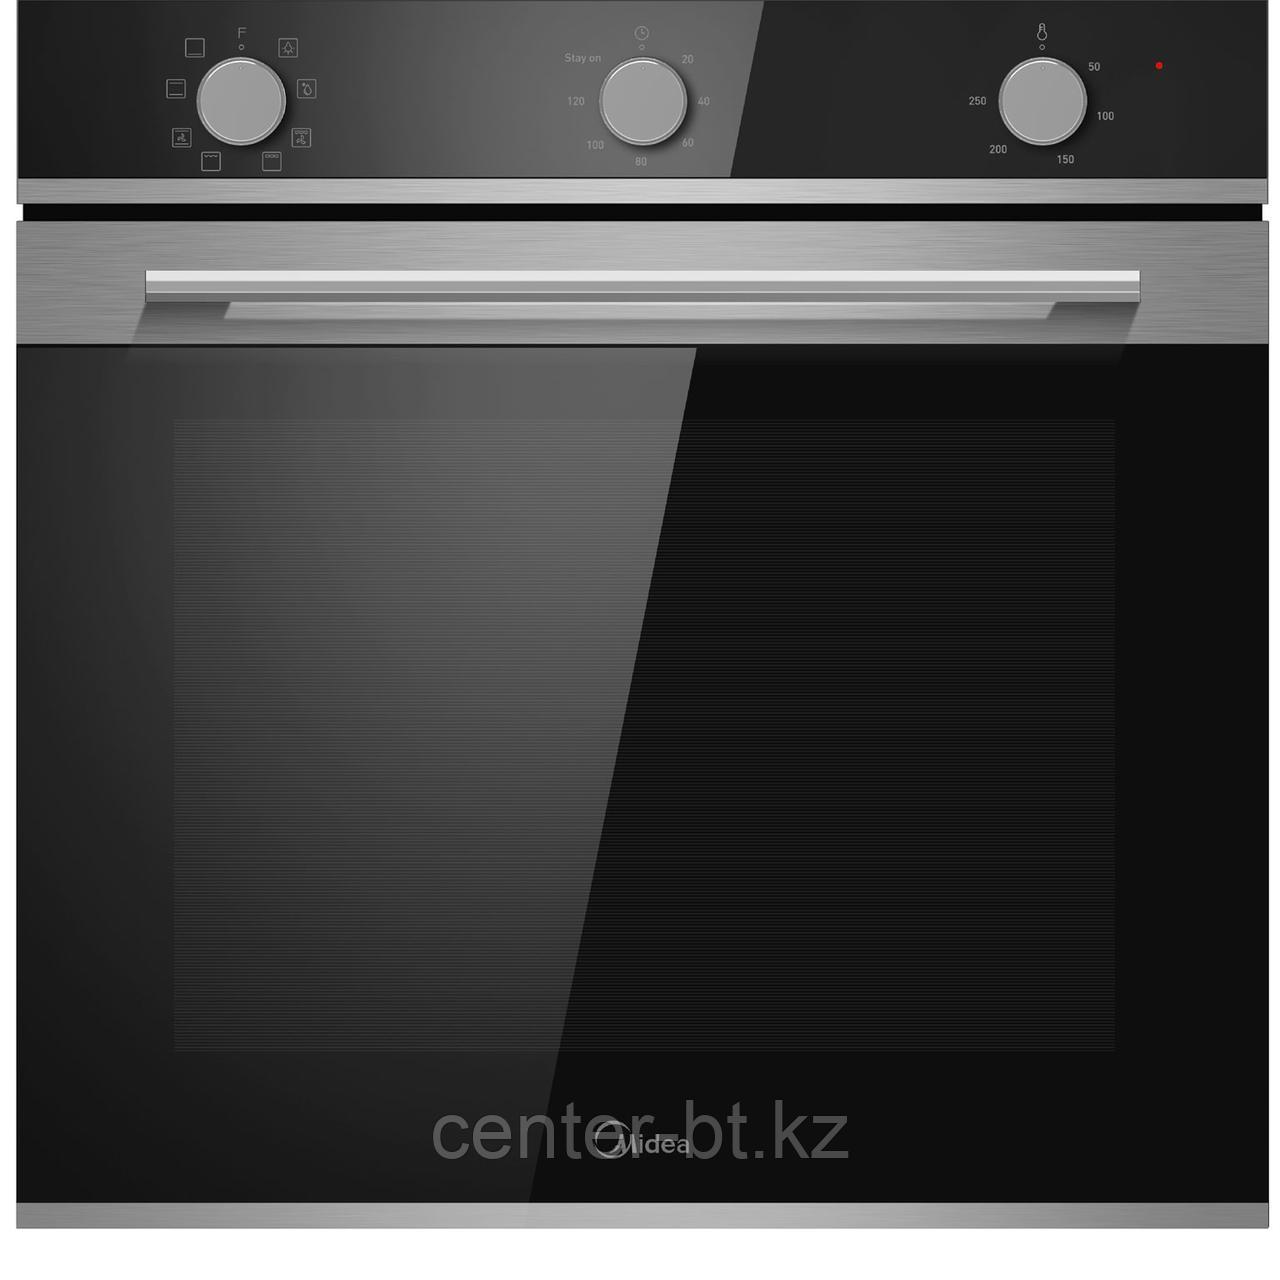 Электрическая встраиваемая духовка Midea MO 7200K GB